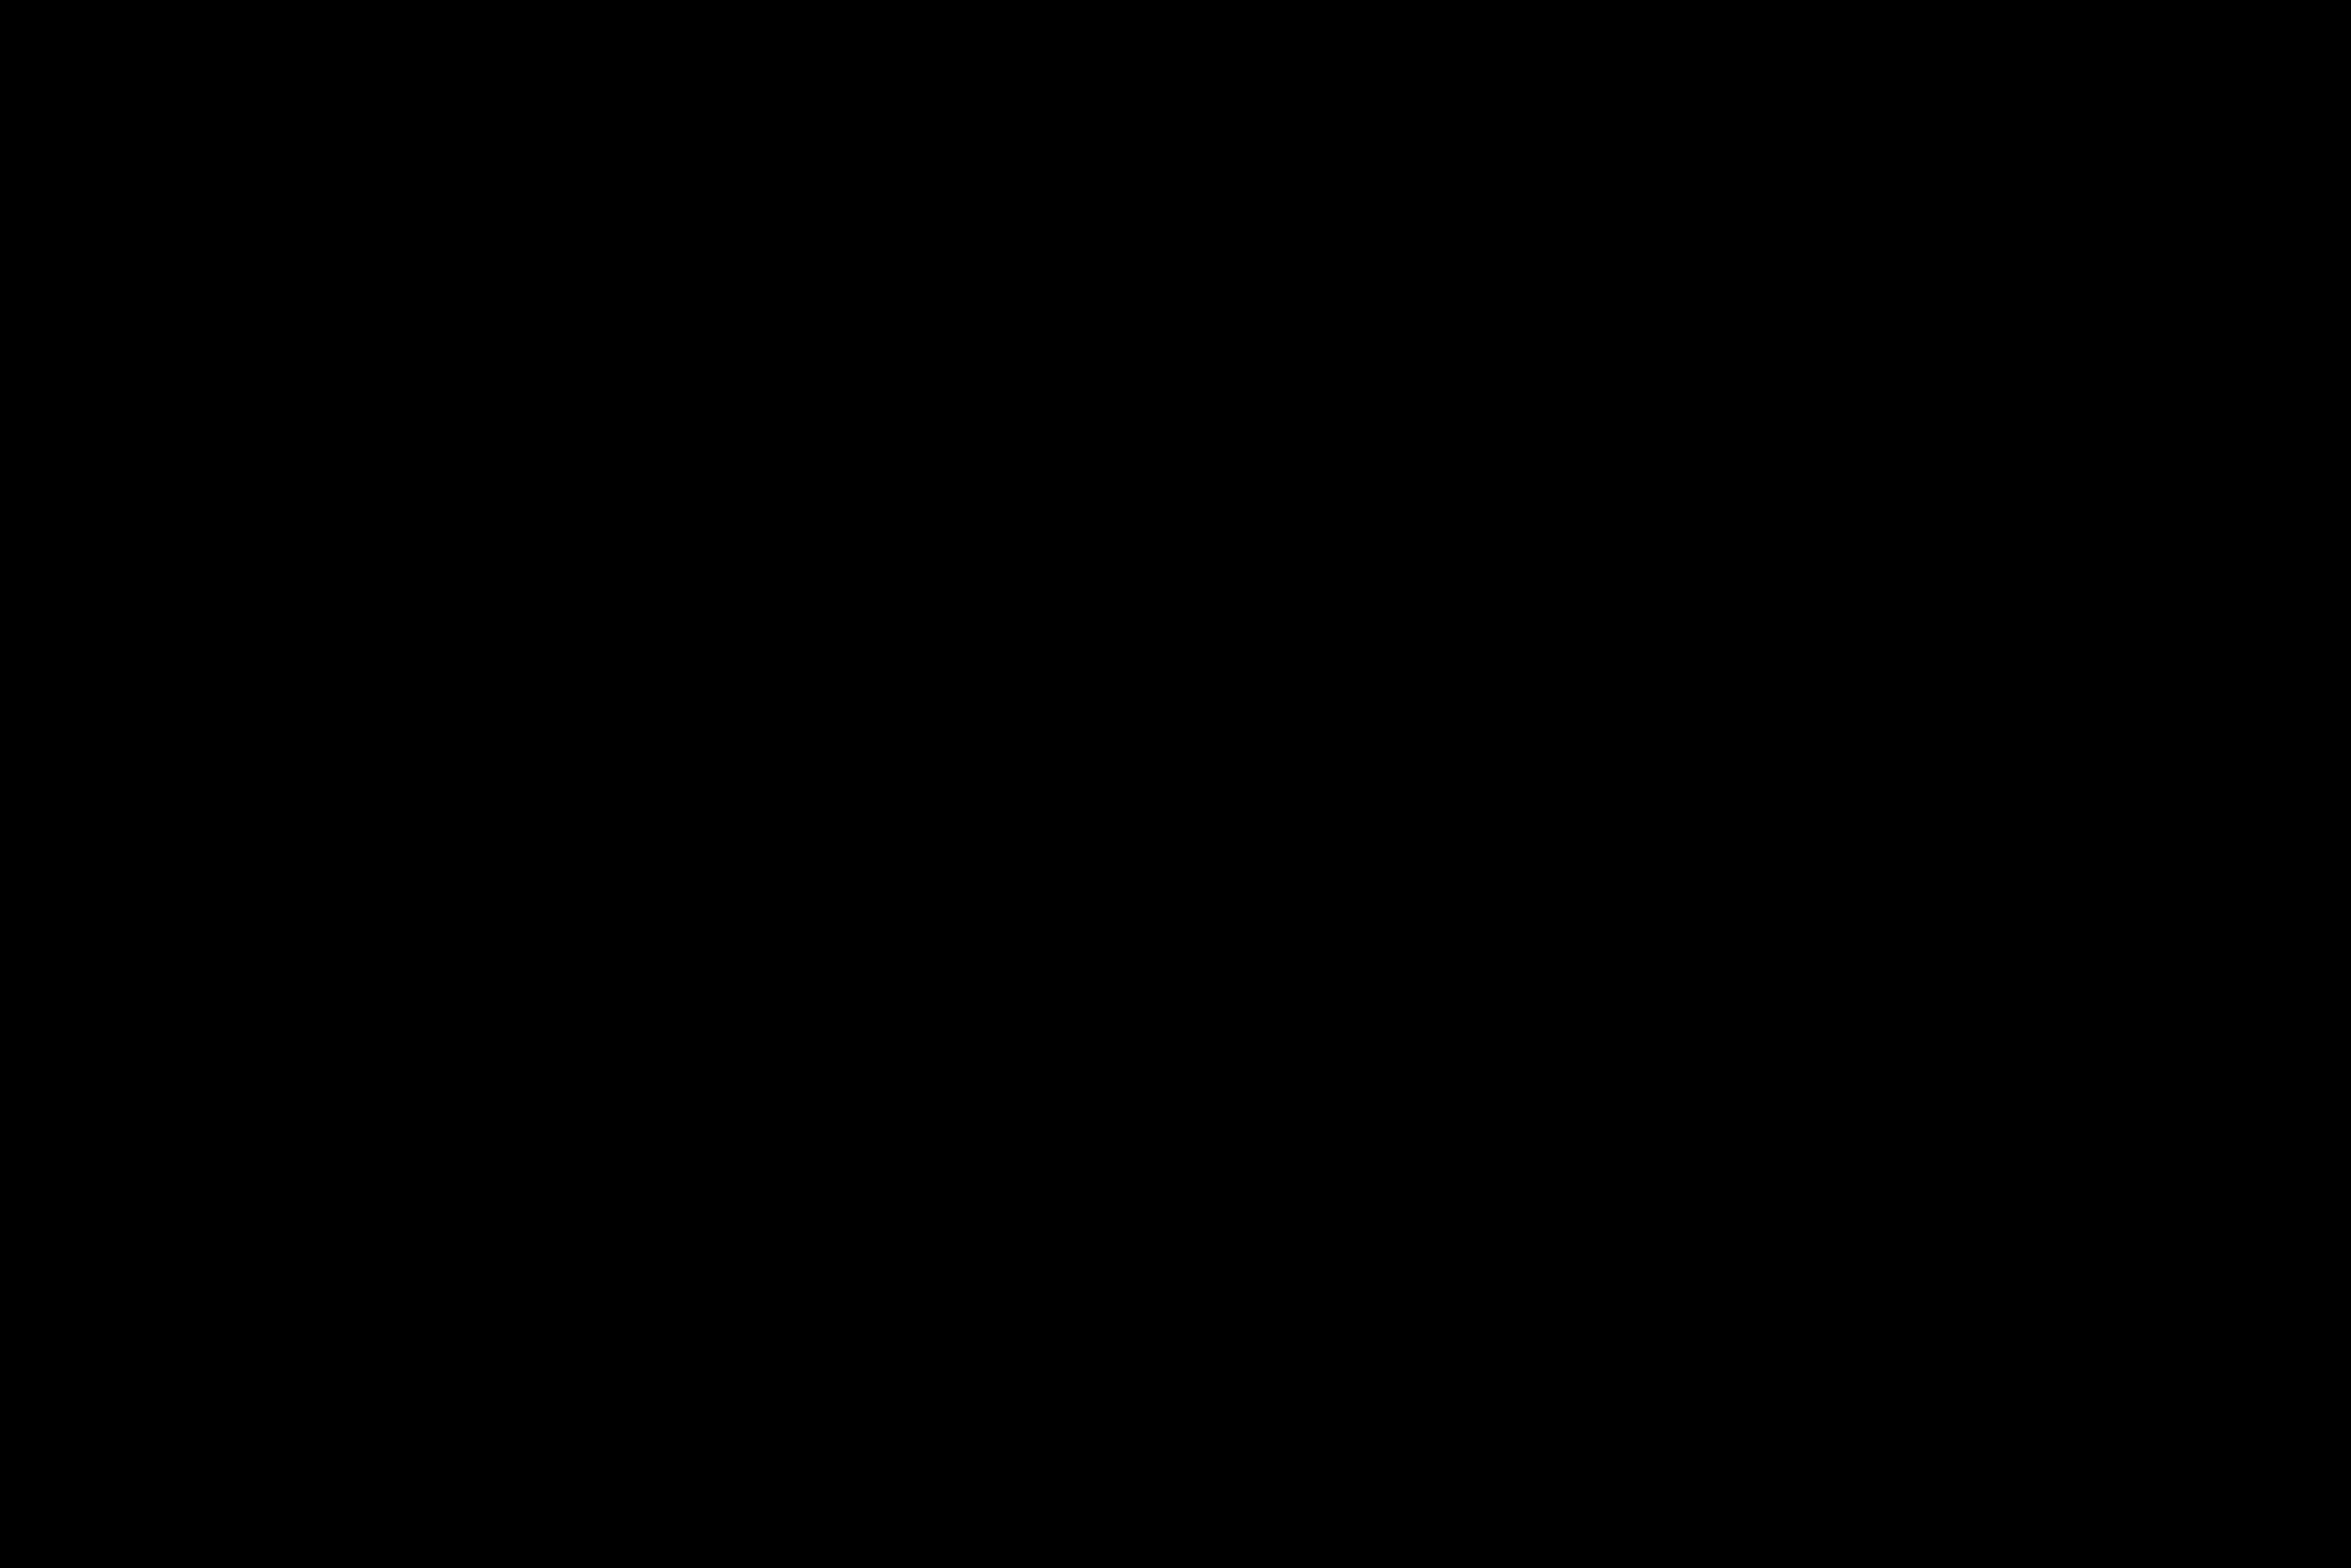 Campaña #EsHoraDeCooperar